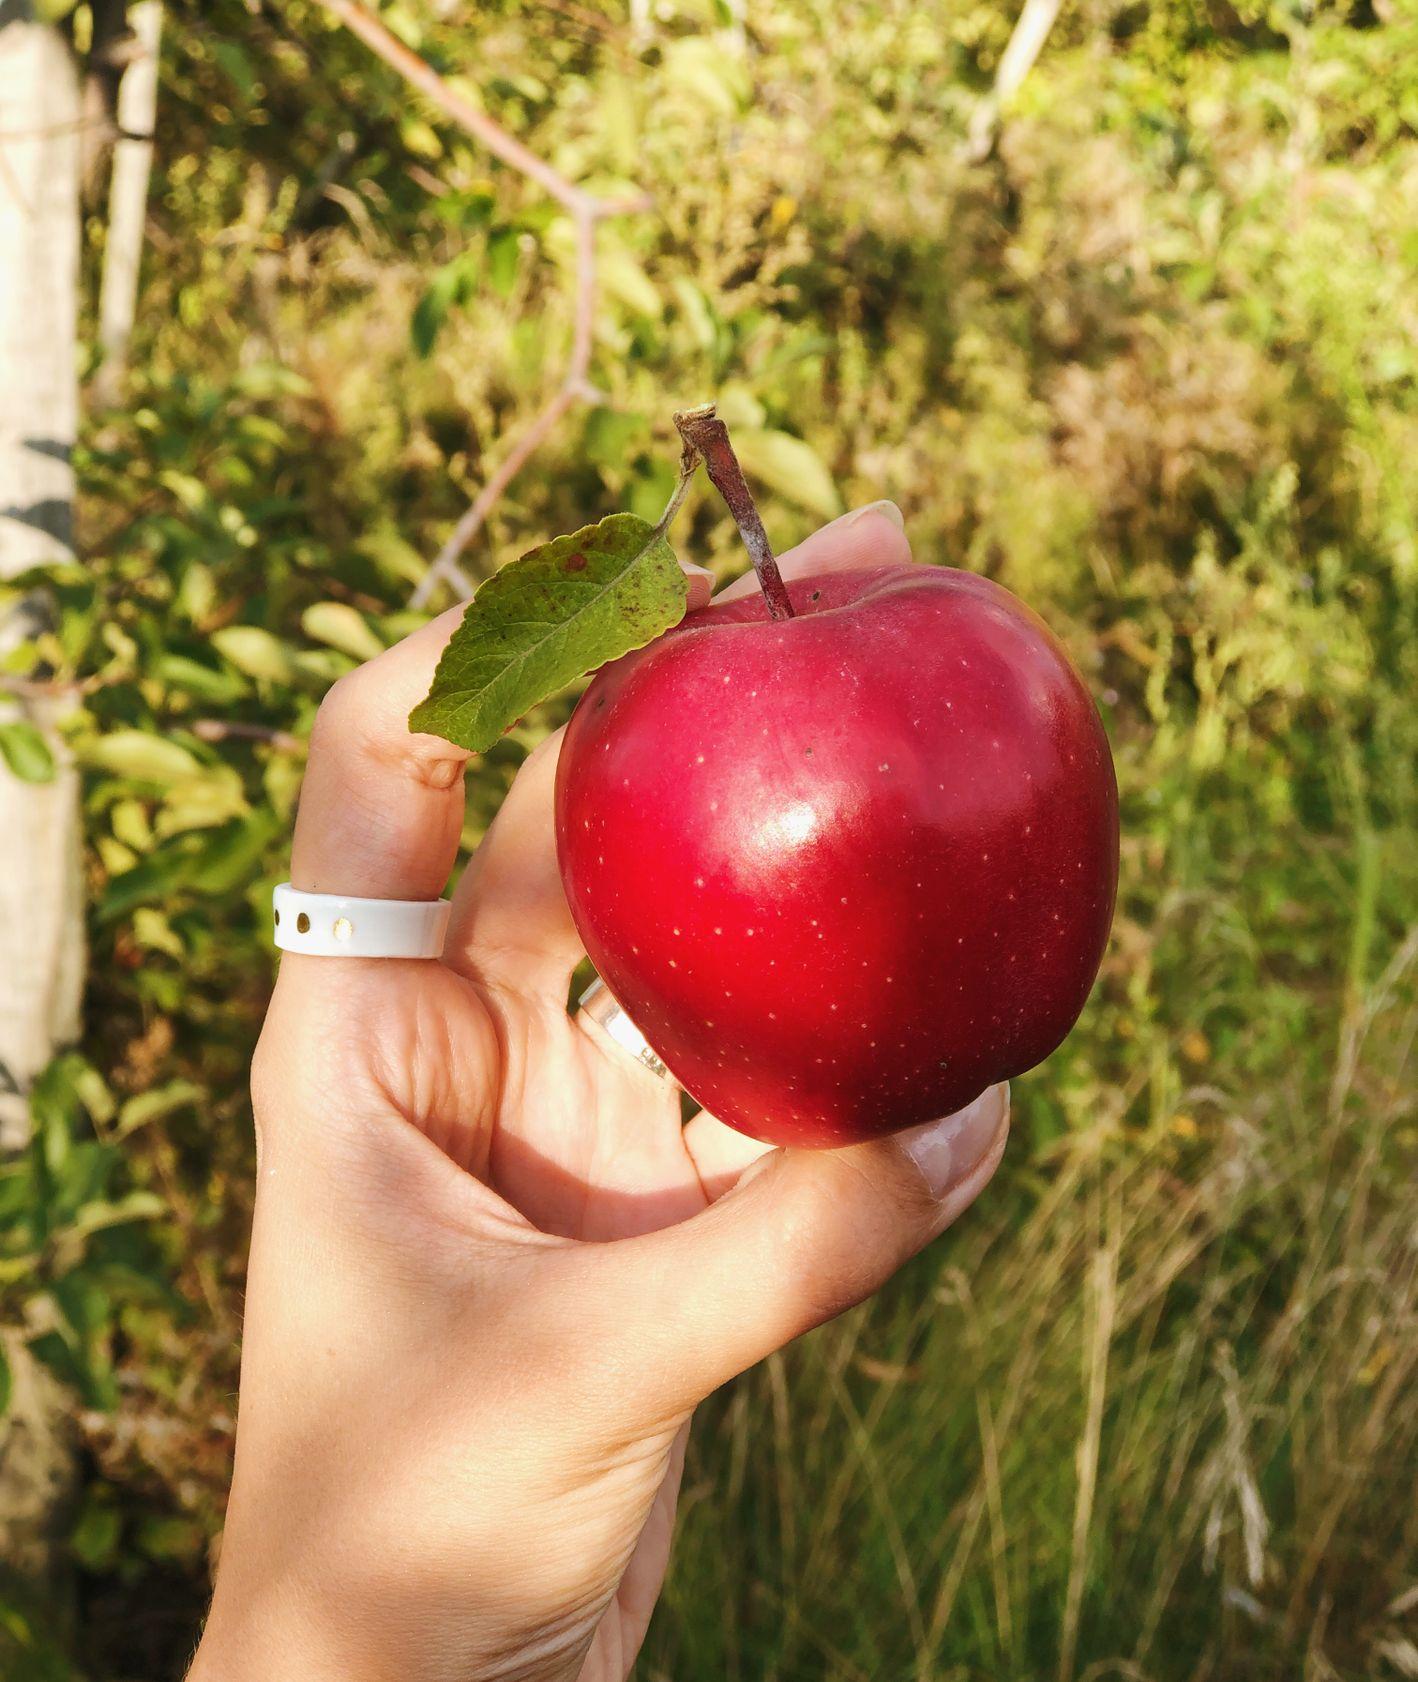 Jabłko prosto z sadu trzymane w dłoni (fot. Zuza Rożek)